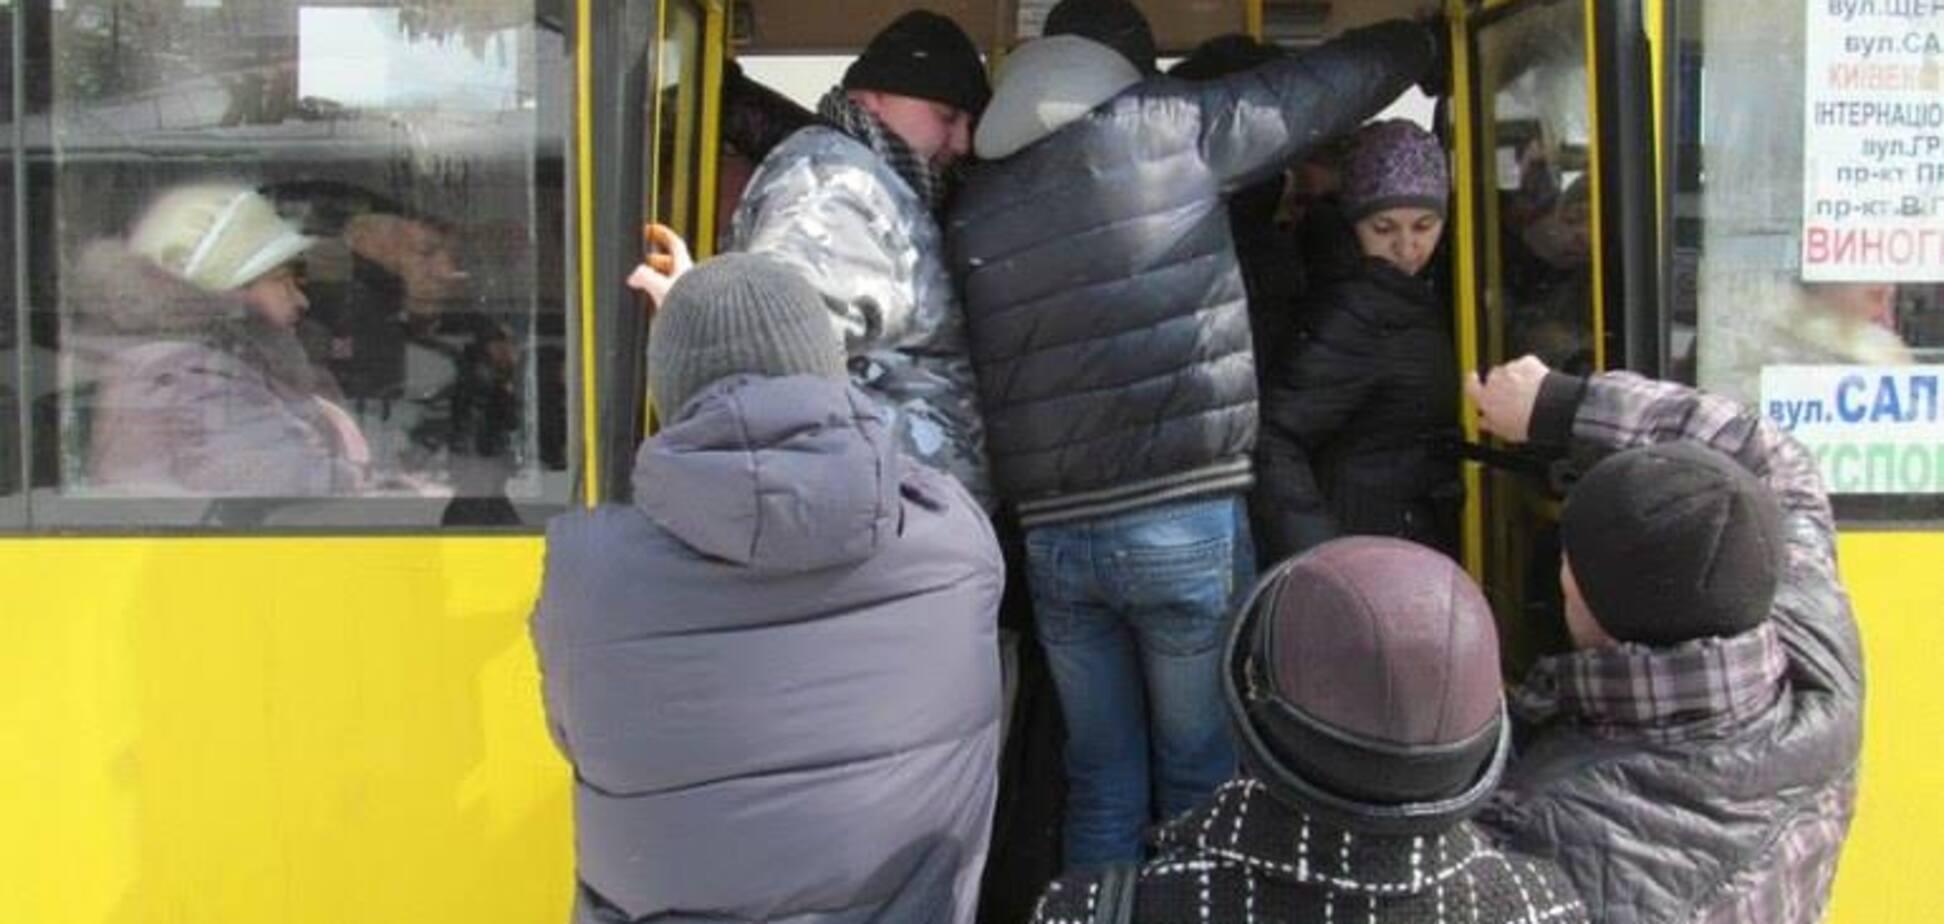 Насильство в маршрутках: чому українці дозволяють себе принижувати